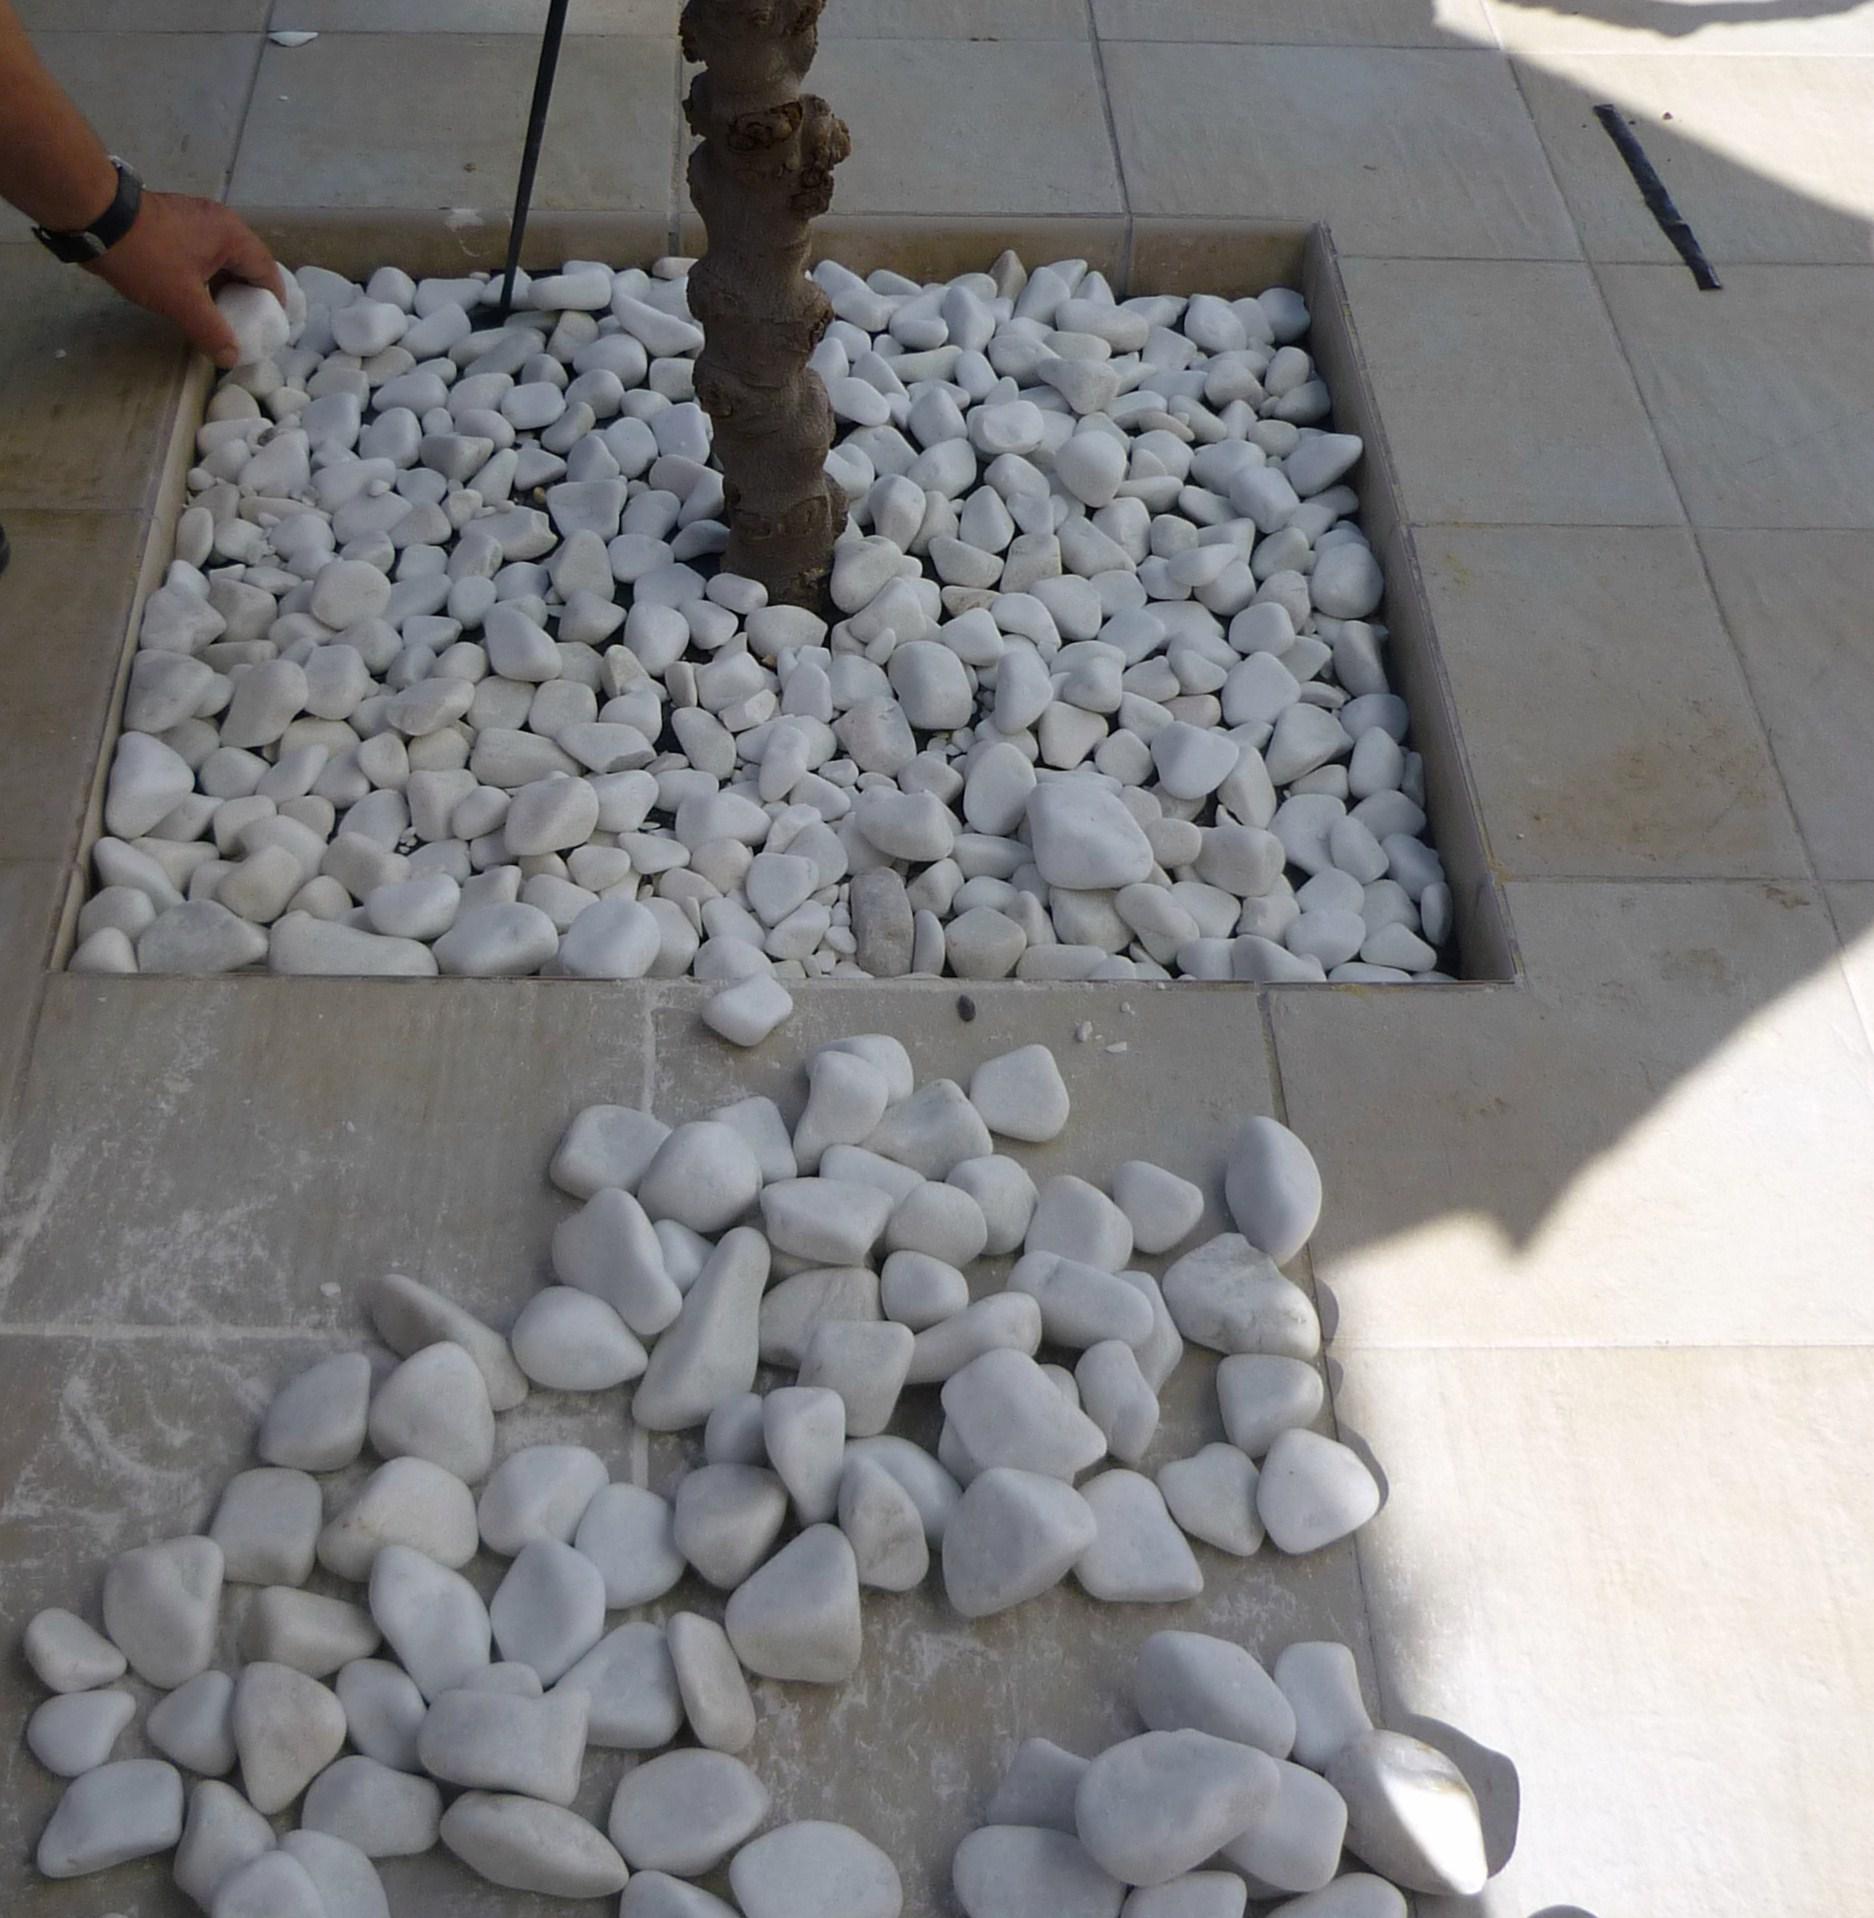 Casa y jard n capricho de hoy p gina 15 for Jardines de piedras blancas